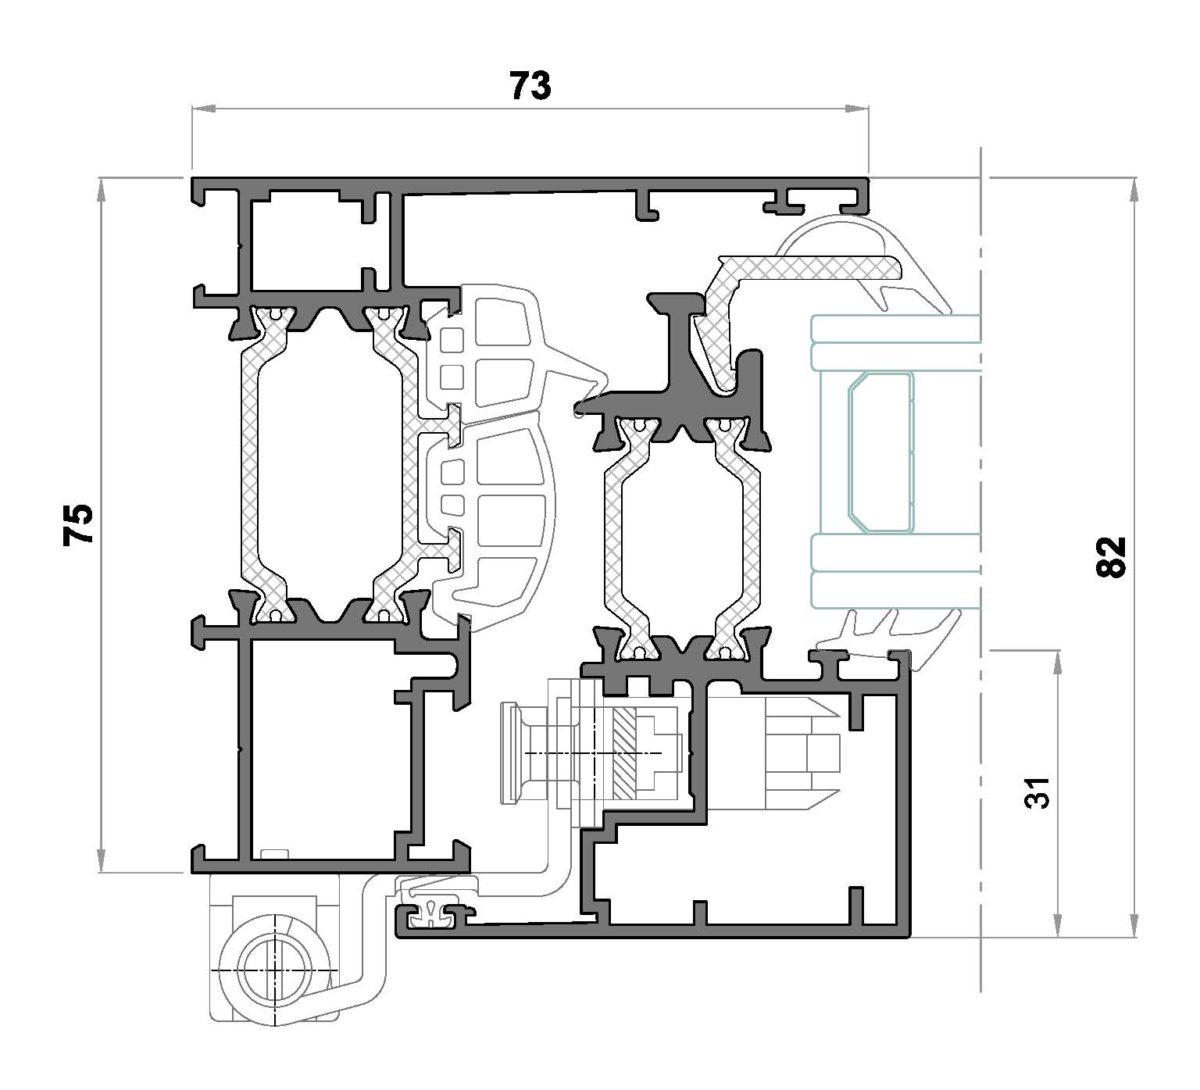 Alg 75 HS C16-Seccion lateral ventana Cerco liso